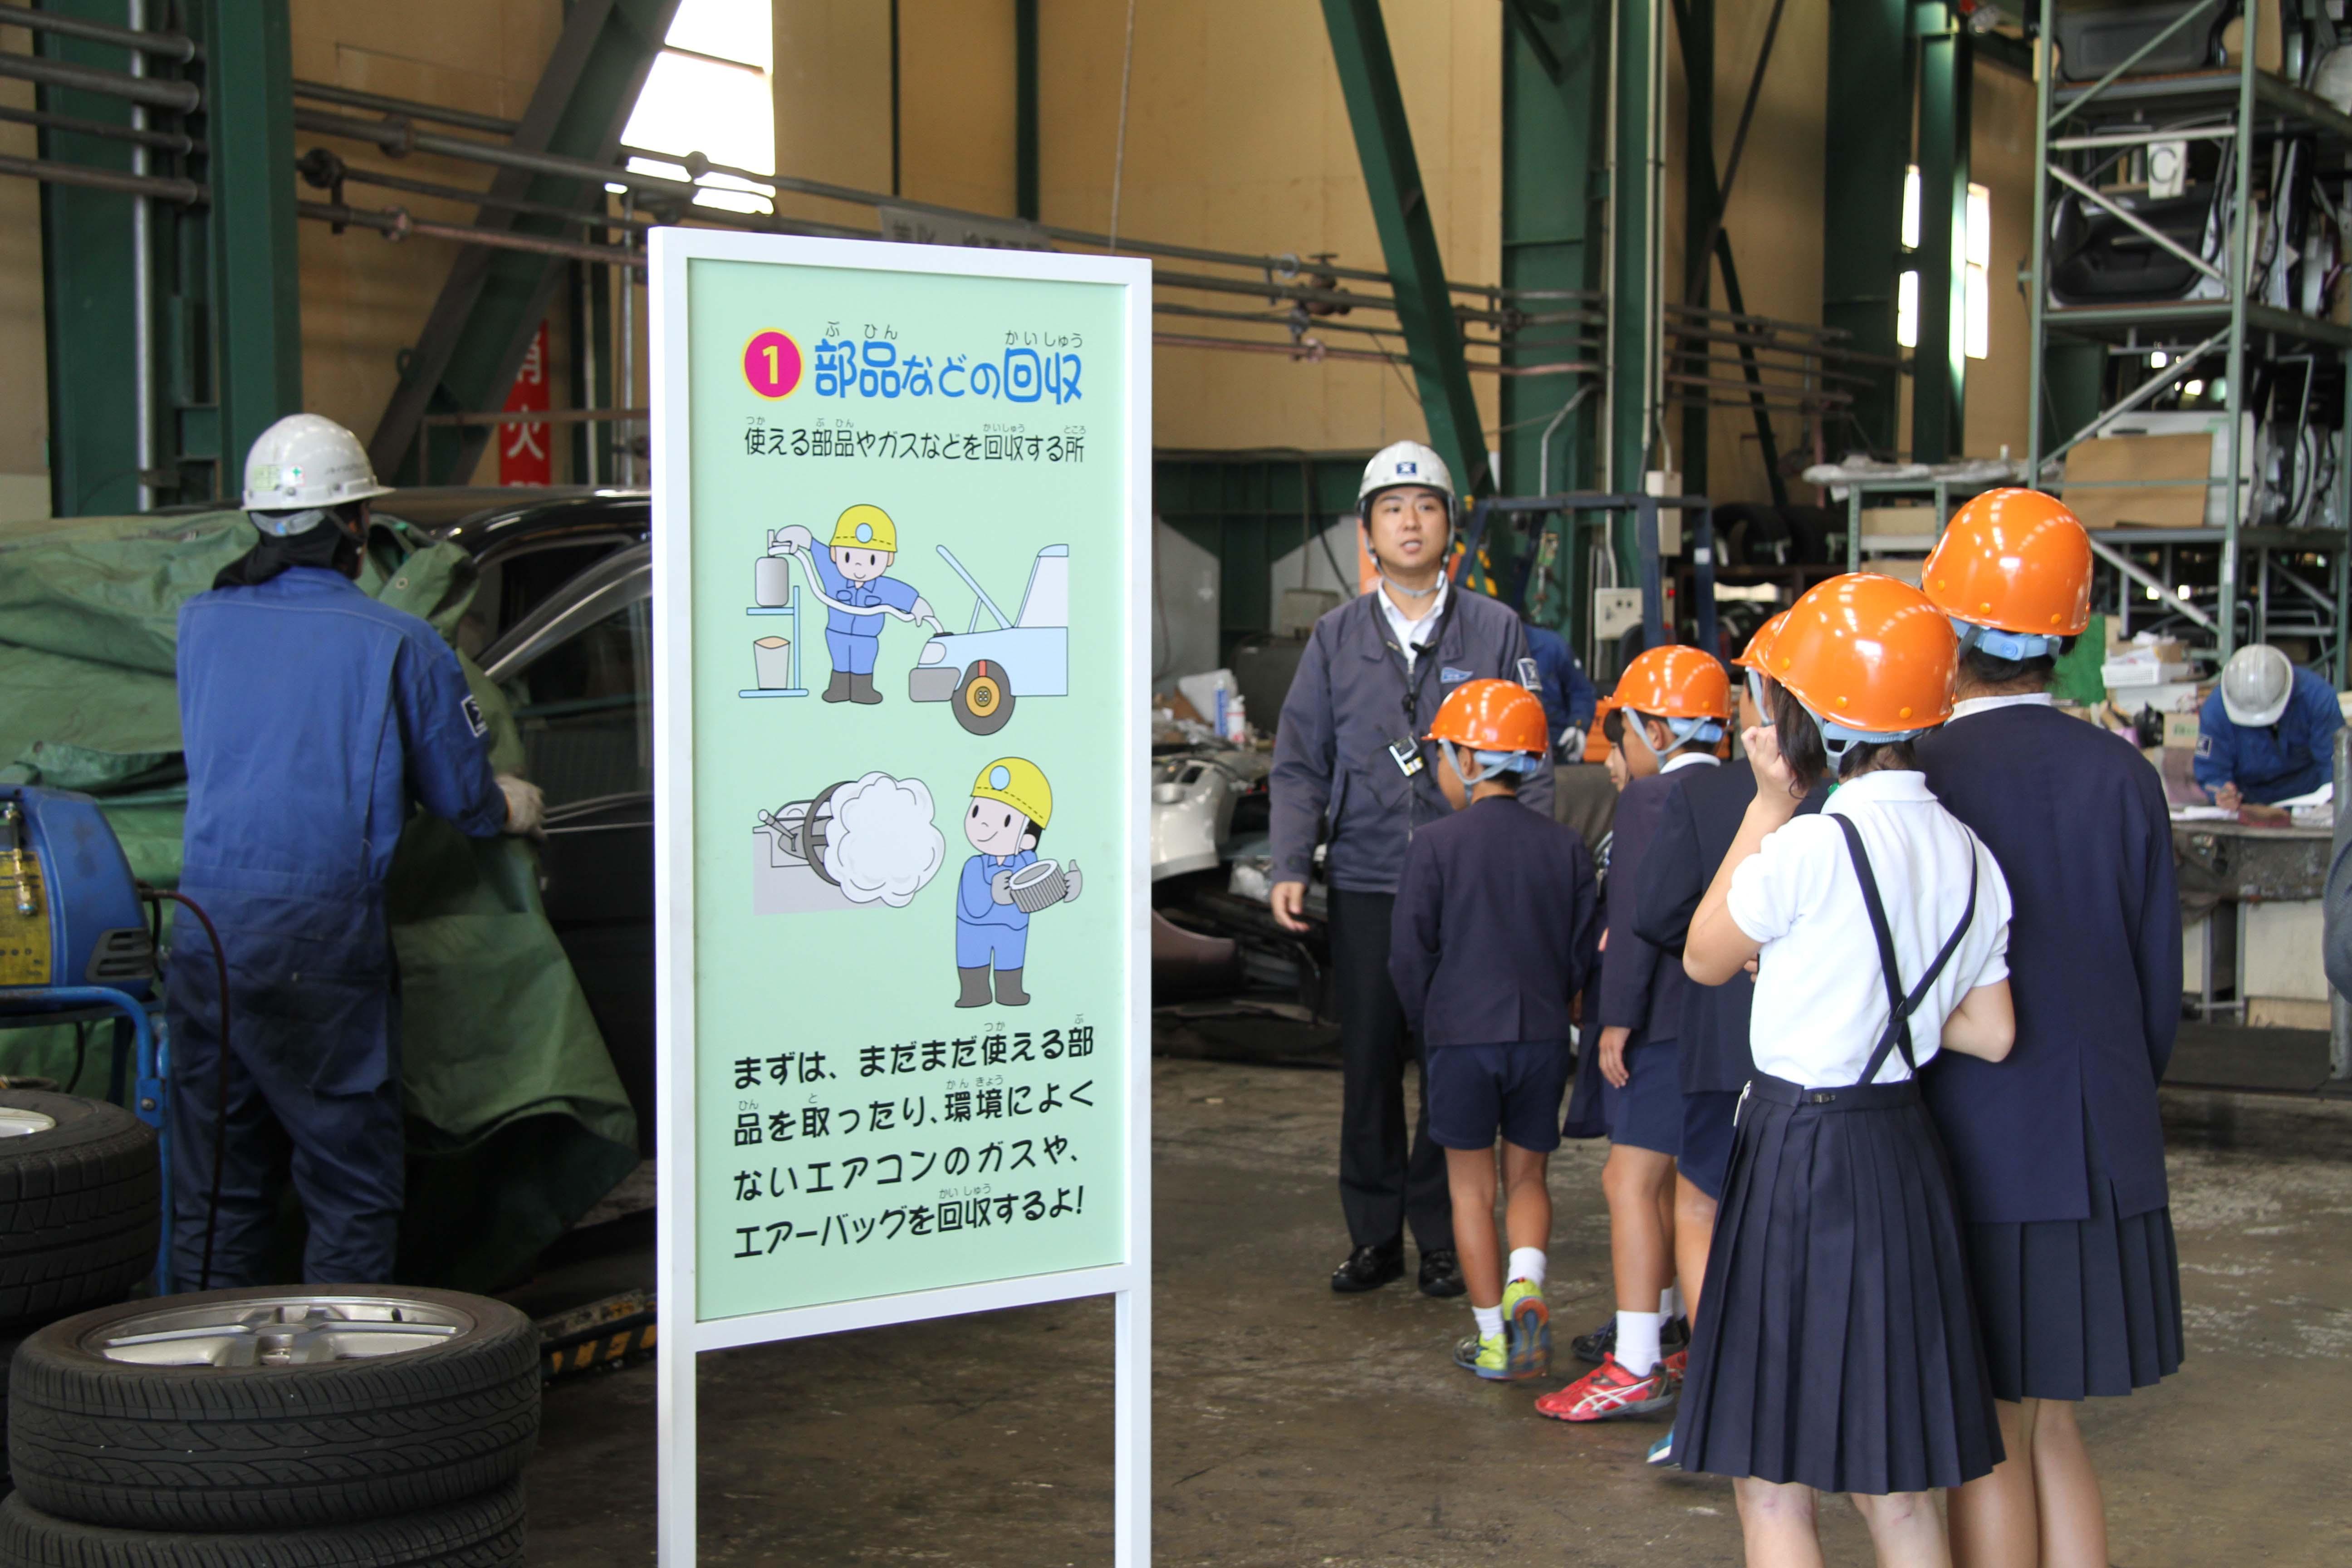 100%リサイクルを目指すカーリサイクル工場